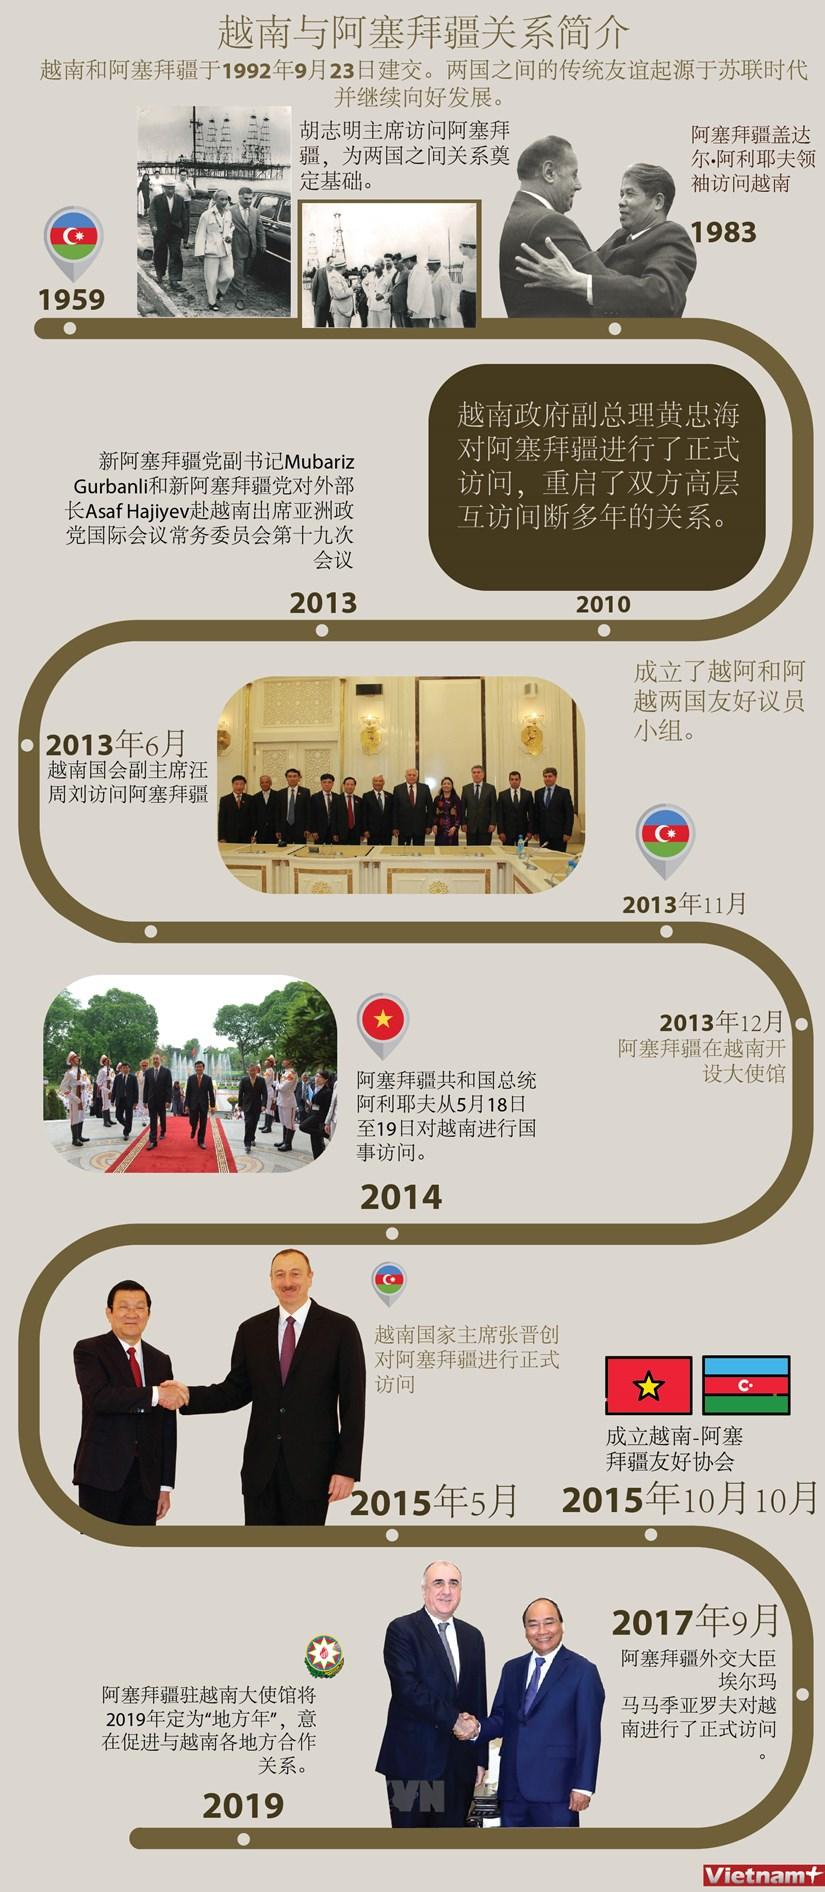 图表新闻:越南与阿塞拜疆关系简介 hinh anh 1